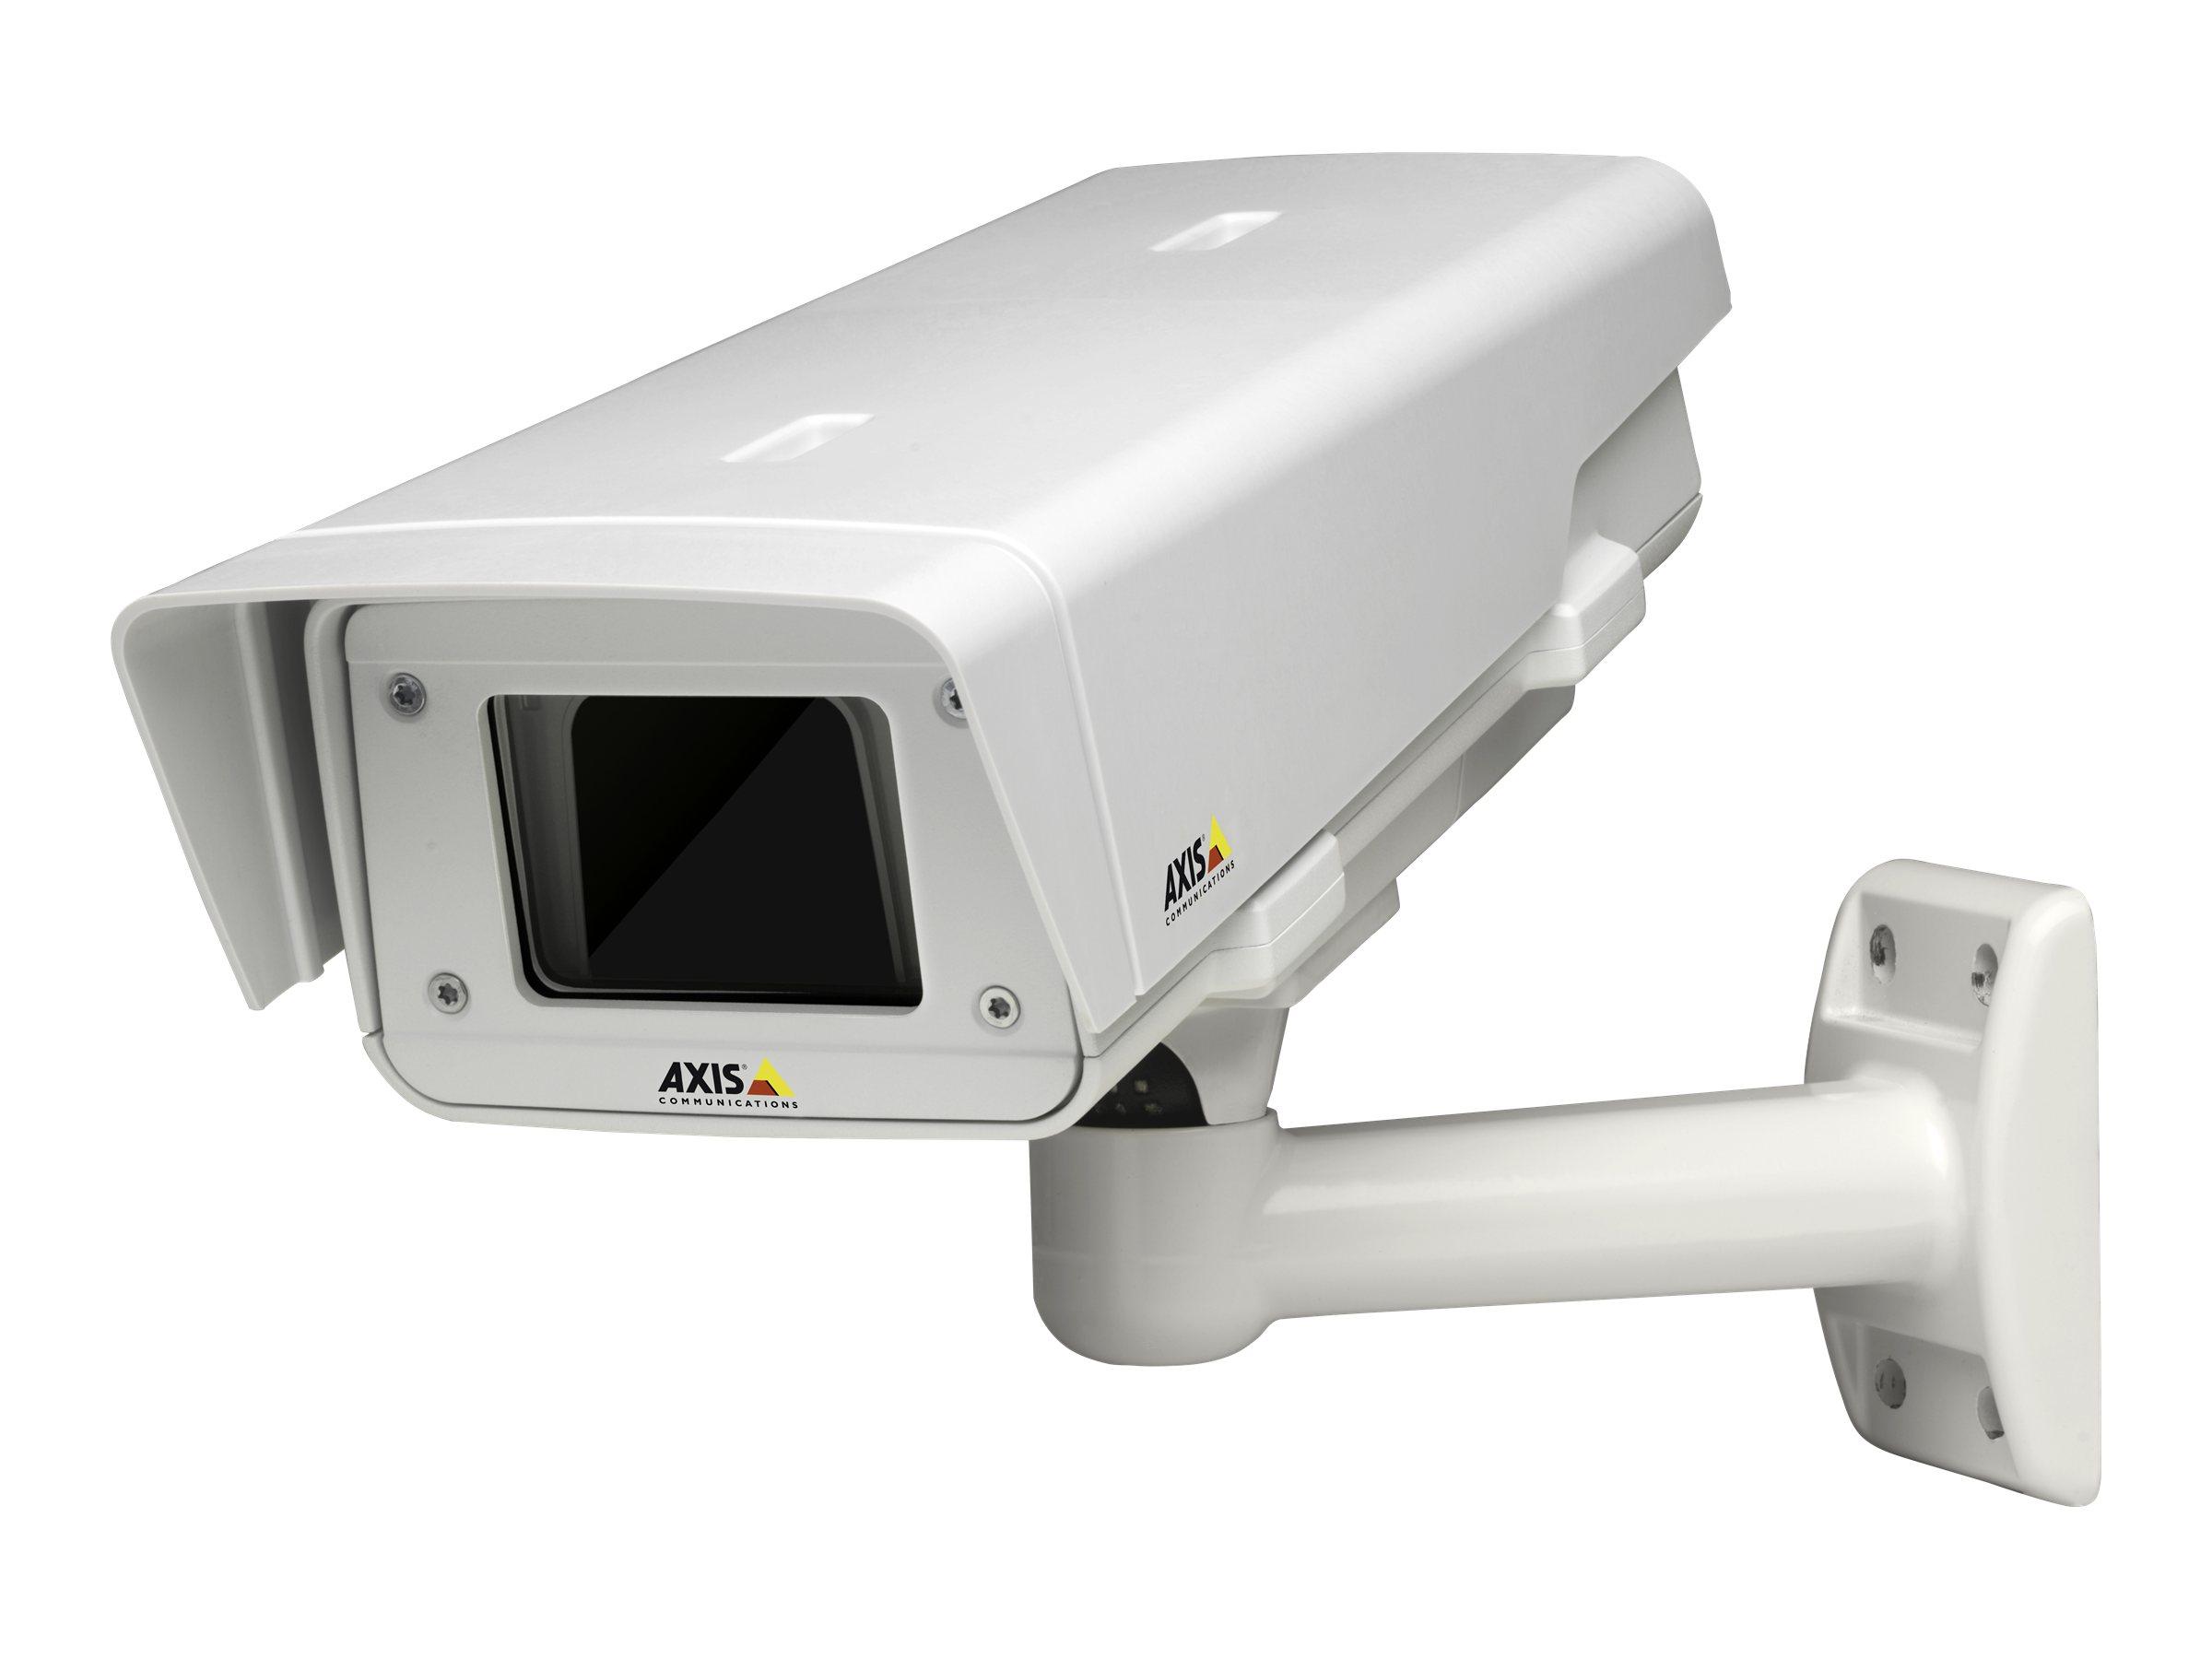 AXIS T92E20 Outdoor Housing - Kameragehäuse - Innenbereich, Aussenbereich - für AXIS M1113, M1114, P1344, P1346, P1347, Q1615, Q